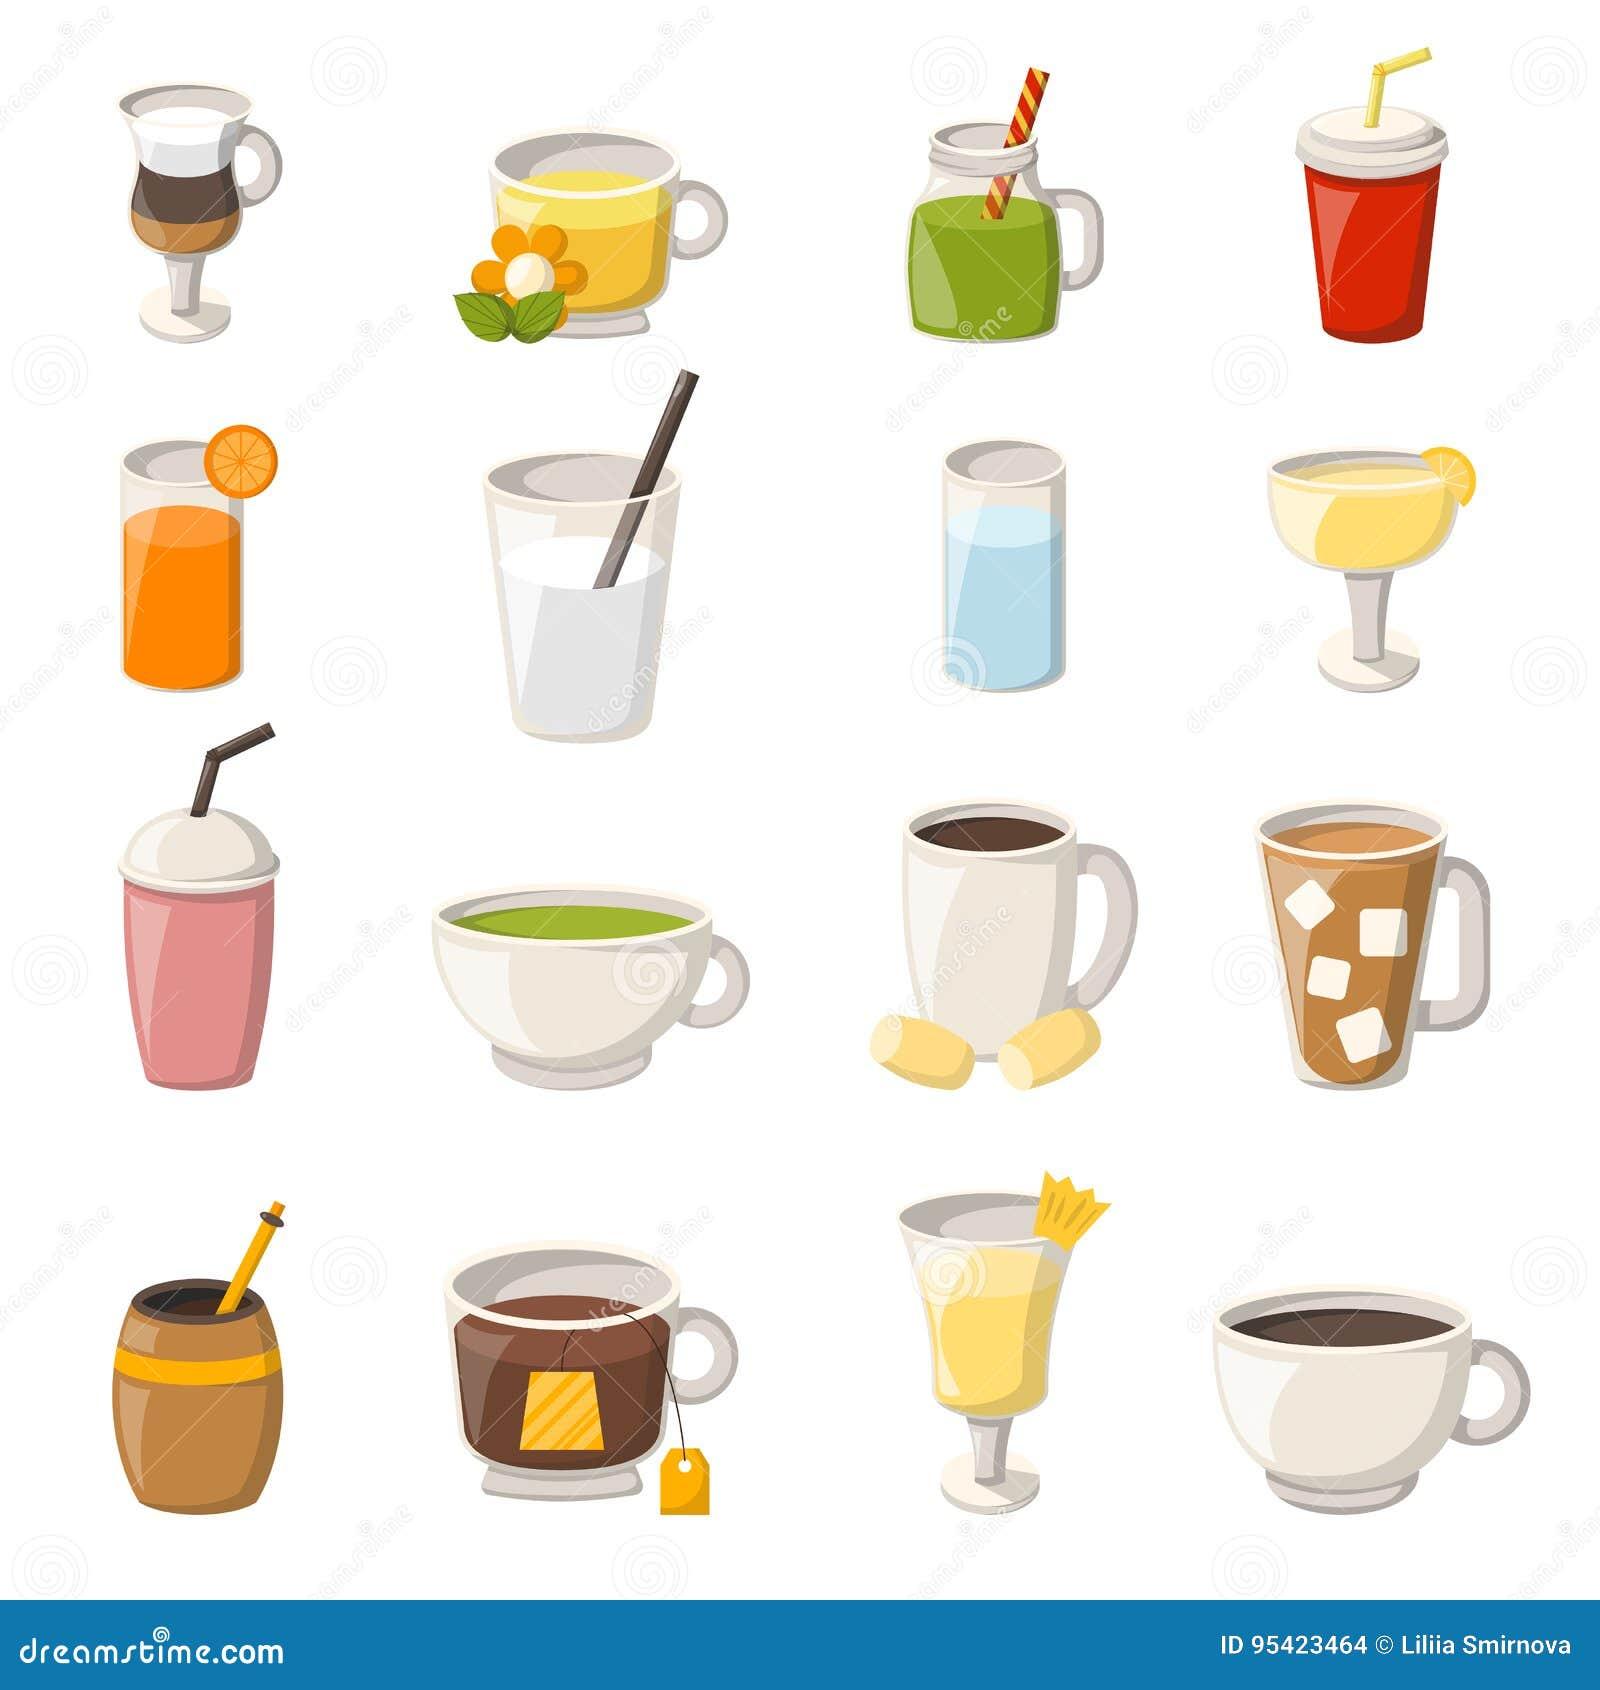 vector cartoon non alcoholic drinks stock vector illustration of rh dreamstime com cartoon drinking water cartoon drinking